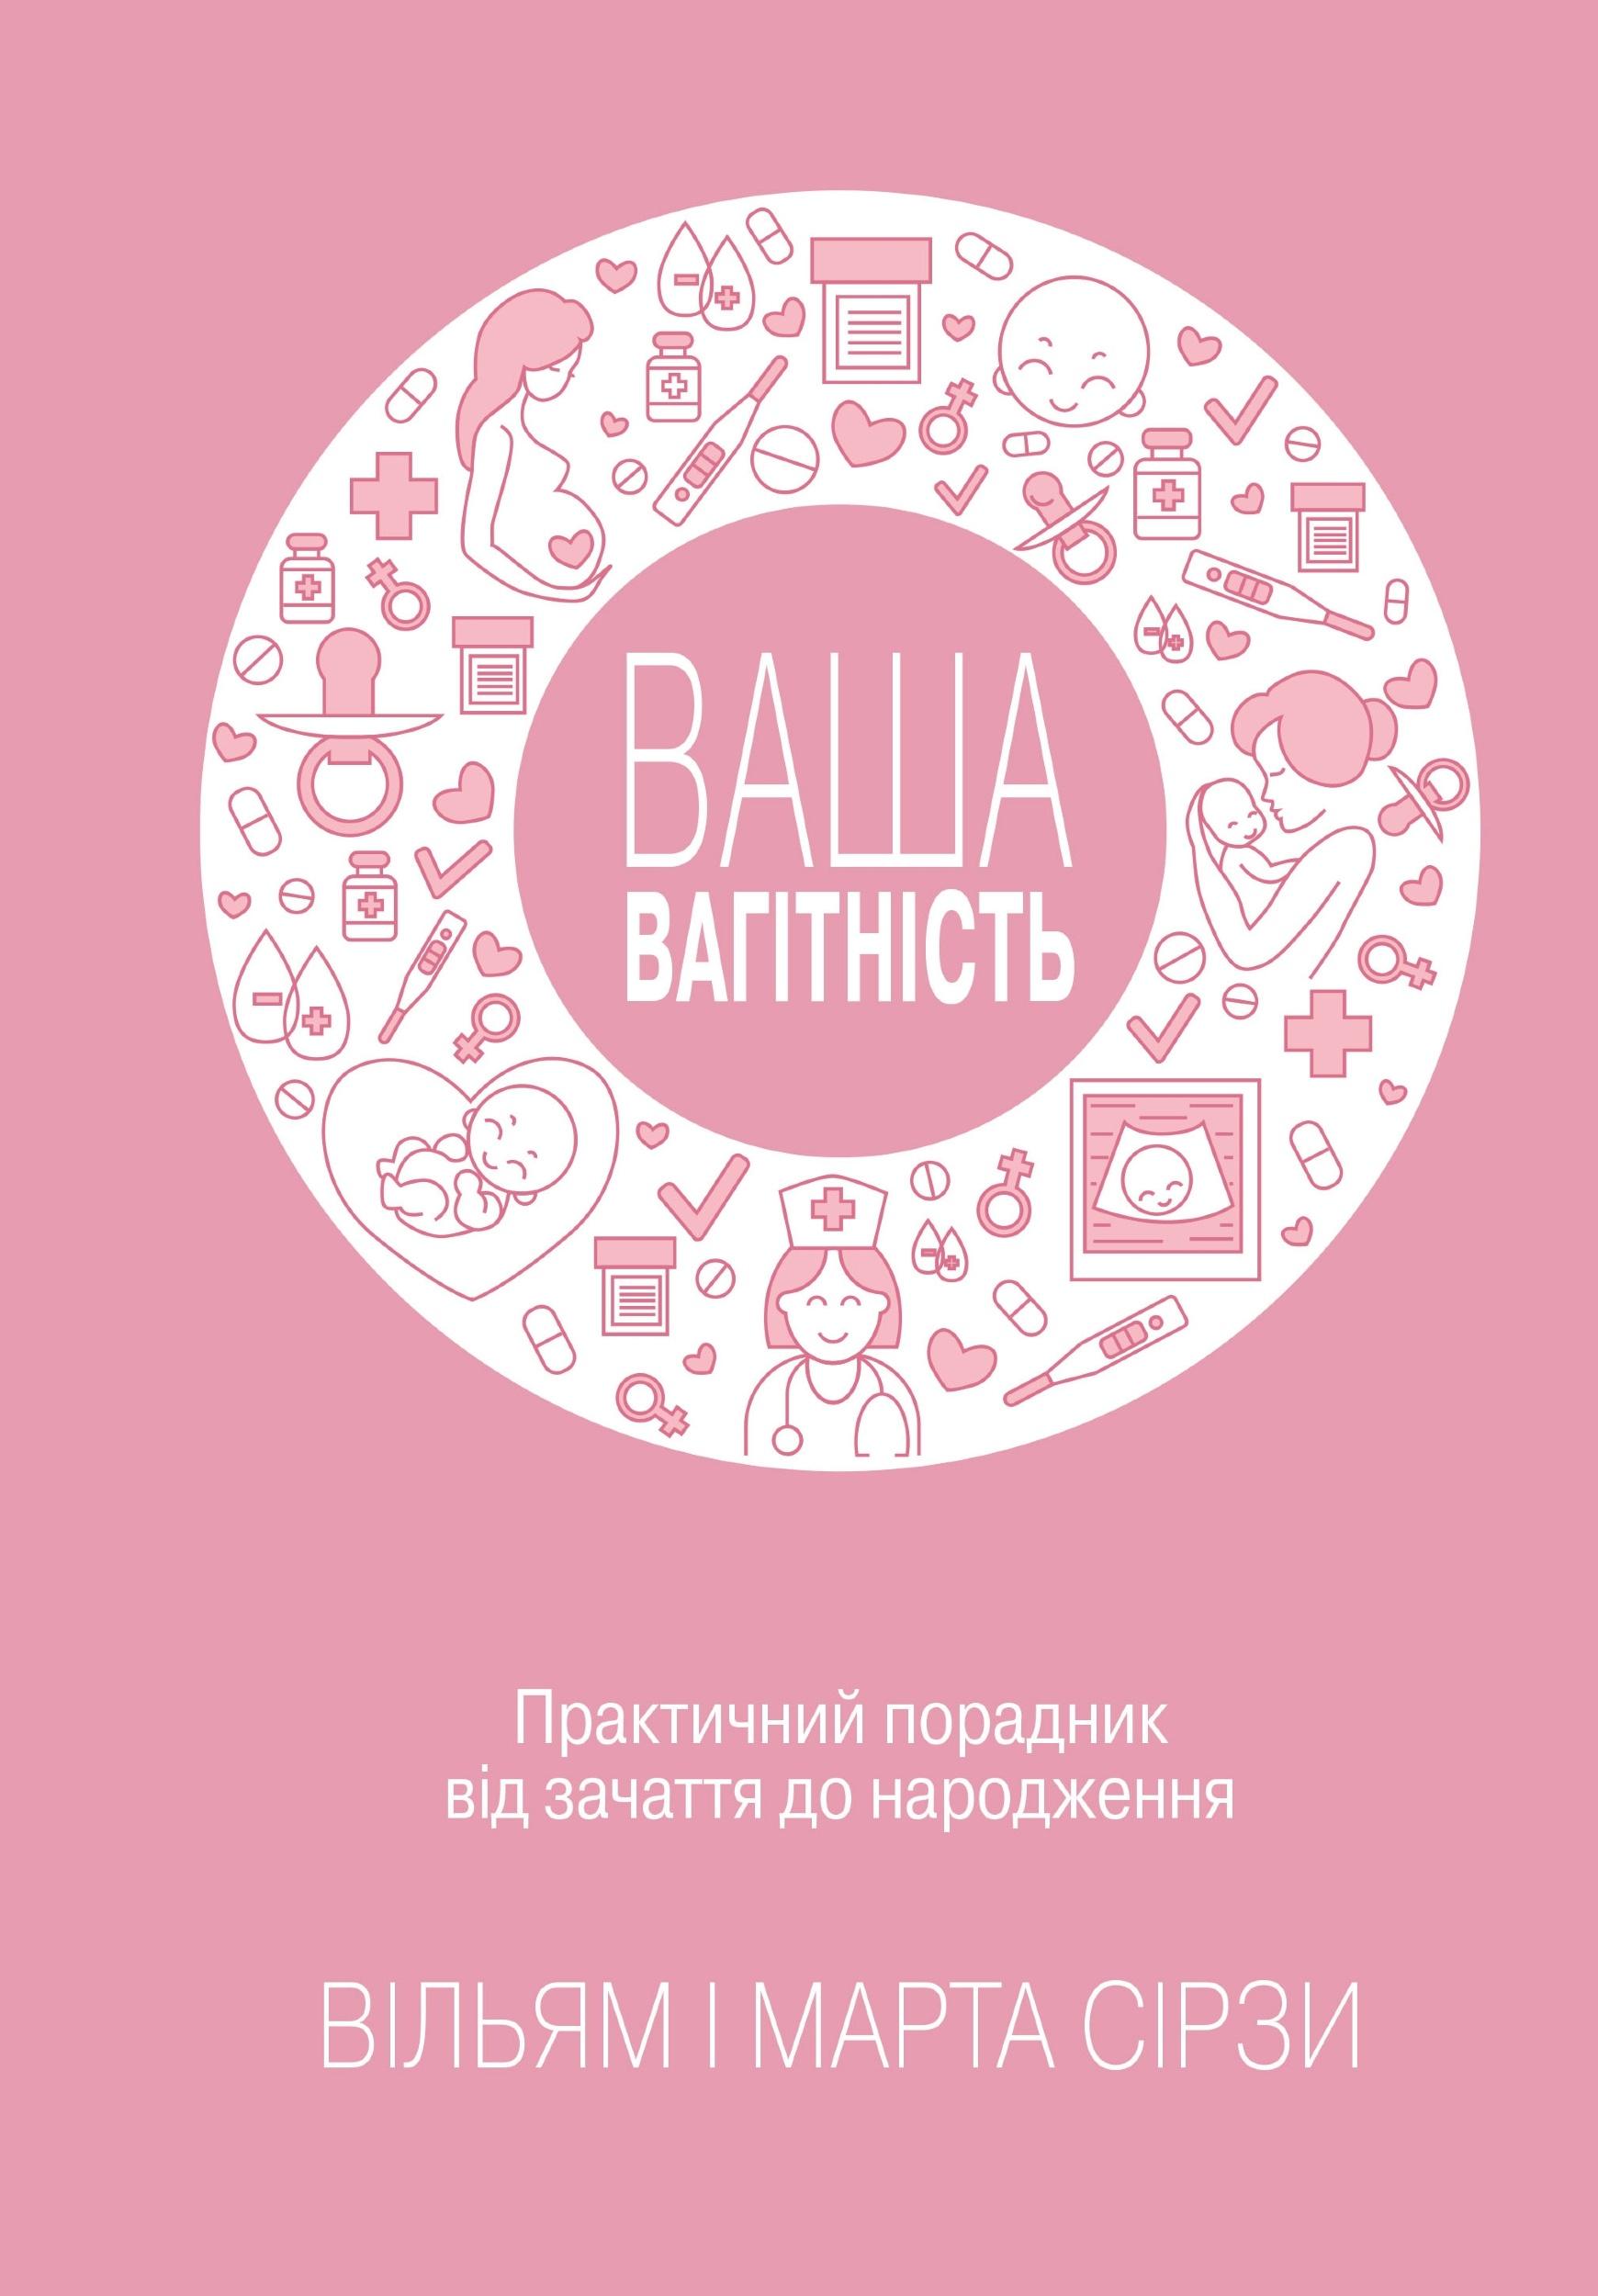 Ваша вагітність: практичний порадник від зачаття до народження, оновлене видання